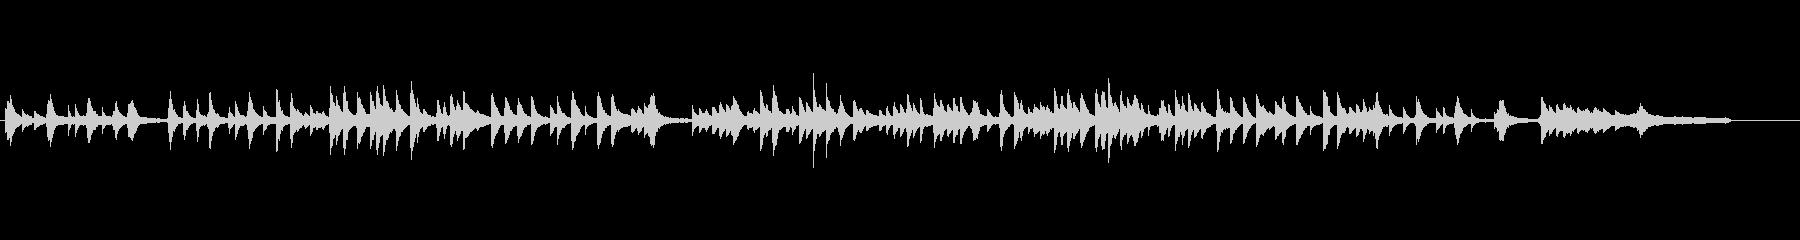 ふるさと(童謡) シンプル ピアノの未再生の波形